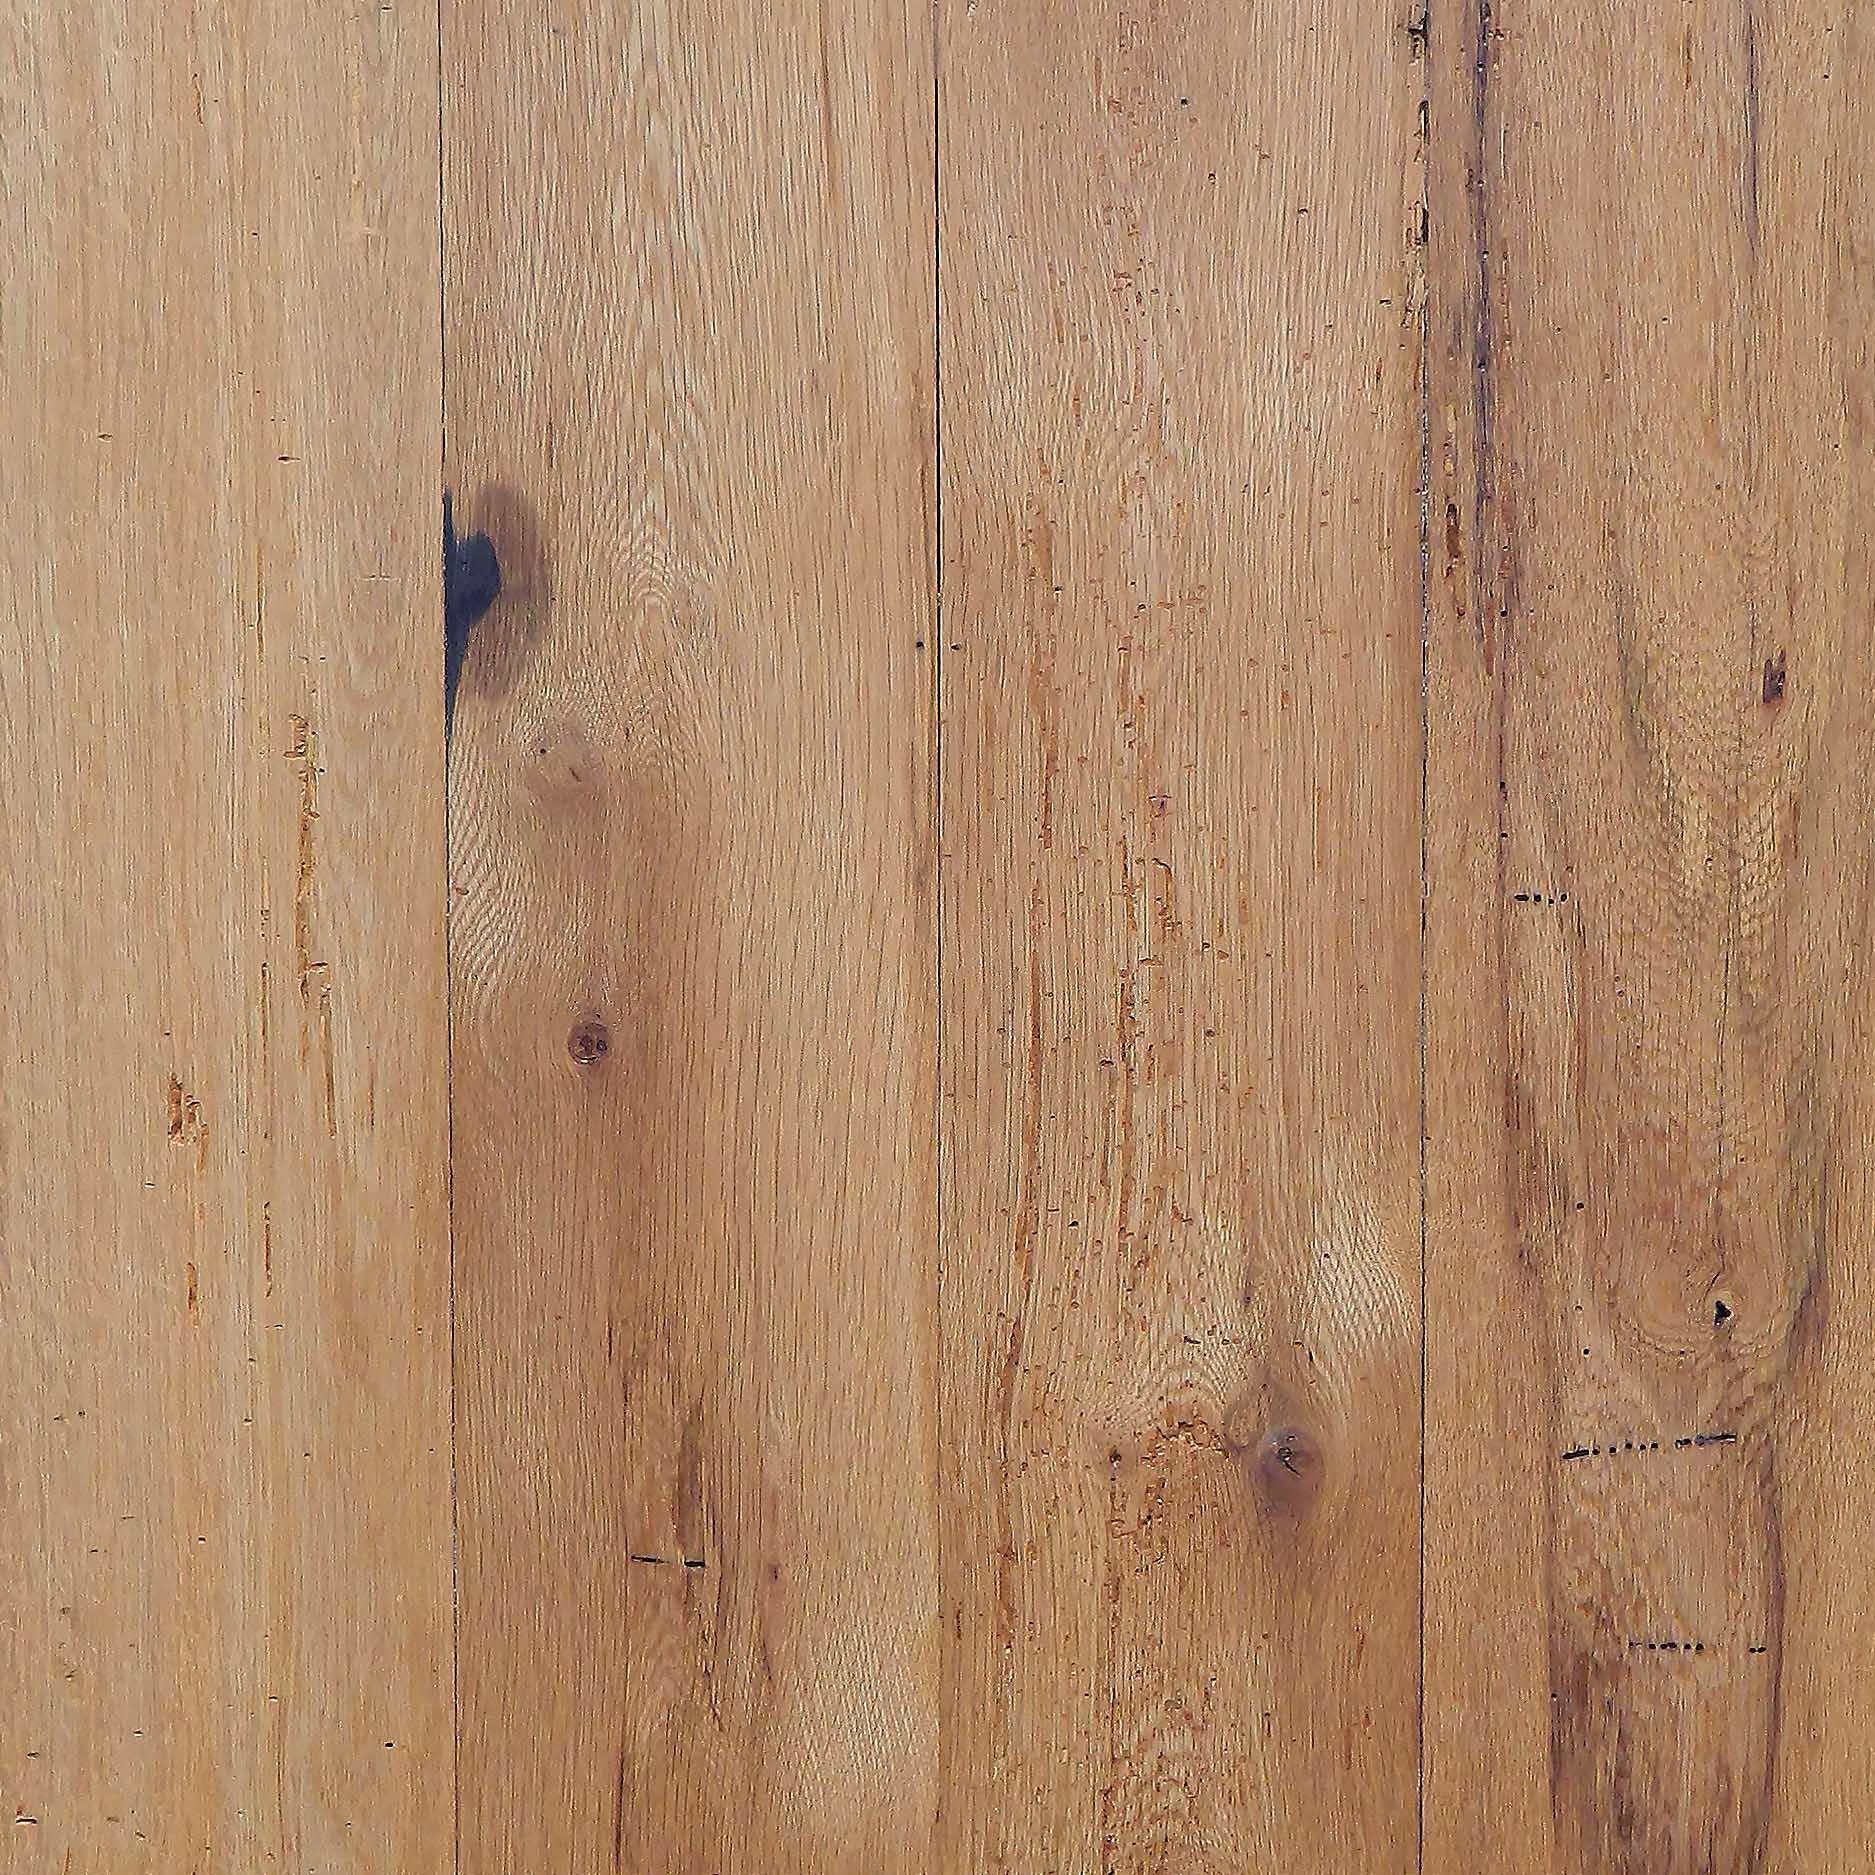 Longleaf Lumber Bright Planed Red Amp White Oak Paneling